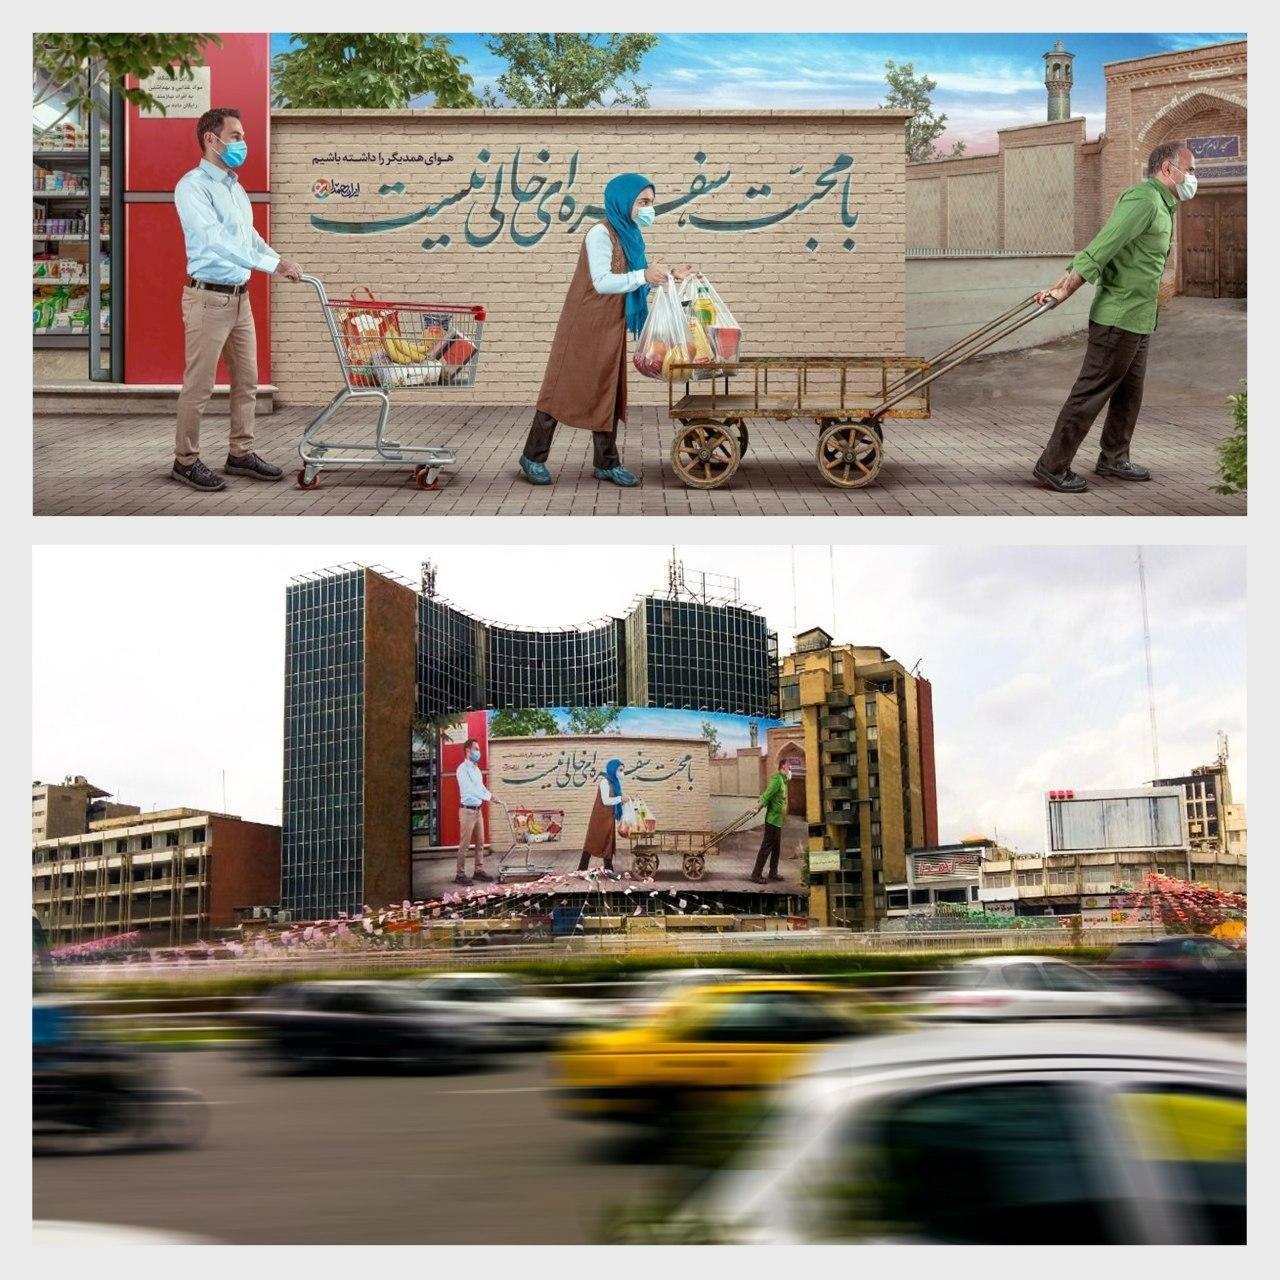 دیوارنگاره جدید میدان ولی عصر (عج) همزمان با ماه رمضان رونمایی شد